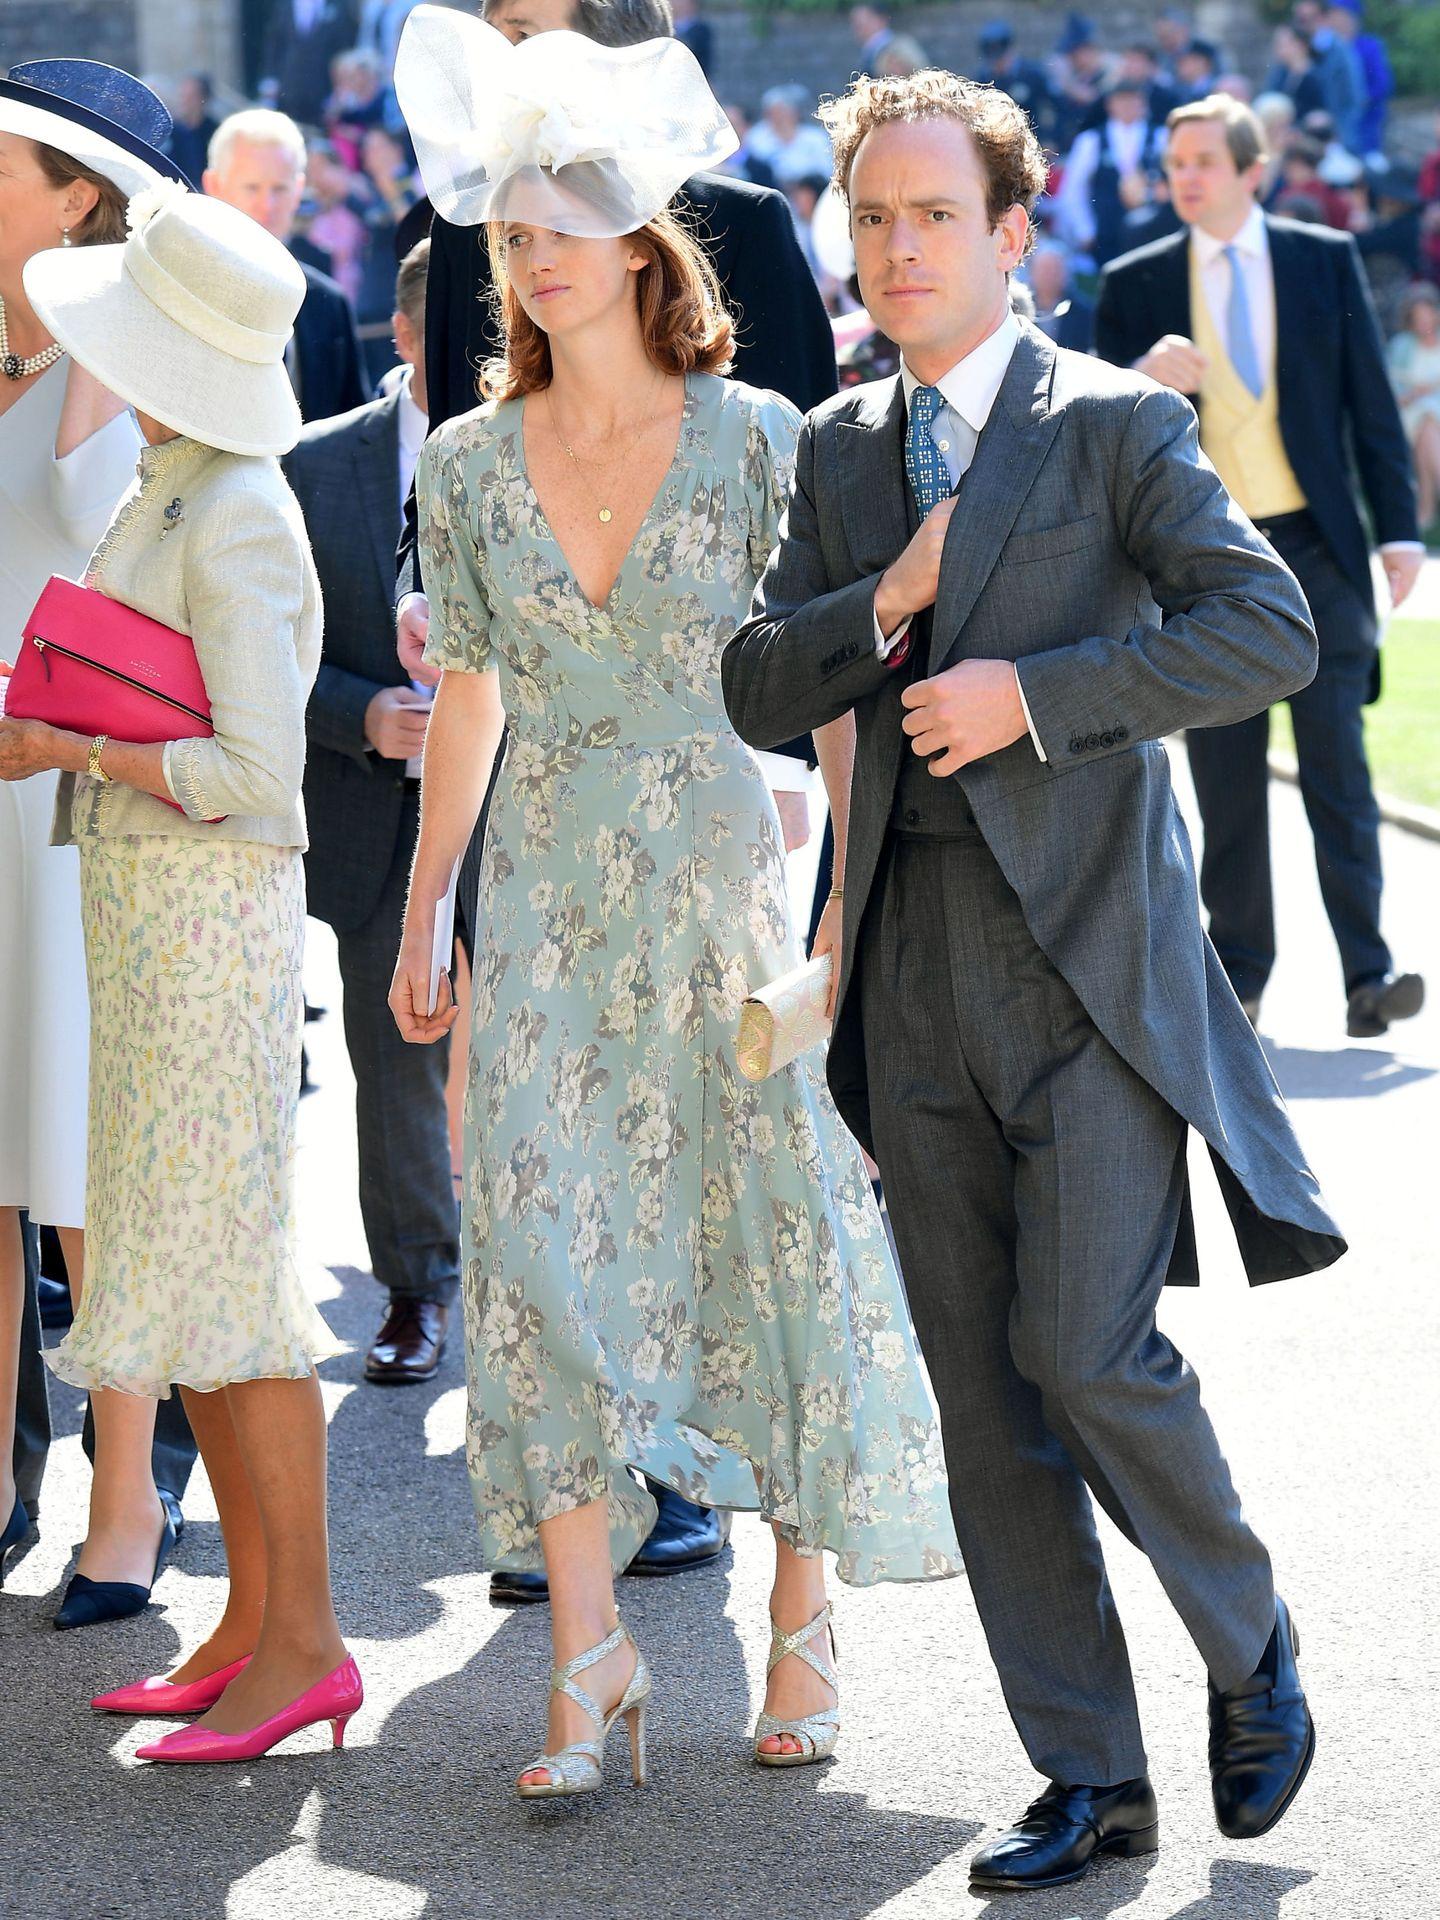 Tom y Laura Inskip en la boda de los duques de Sussex. (Reuters)